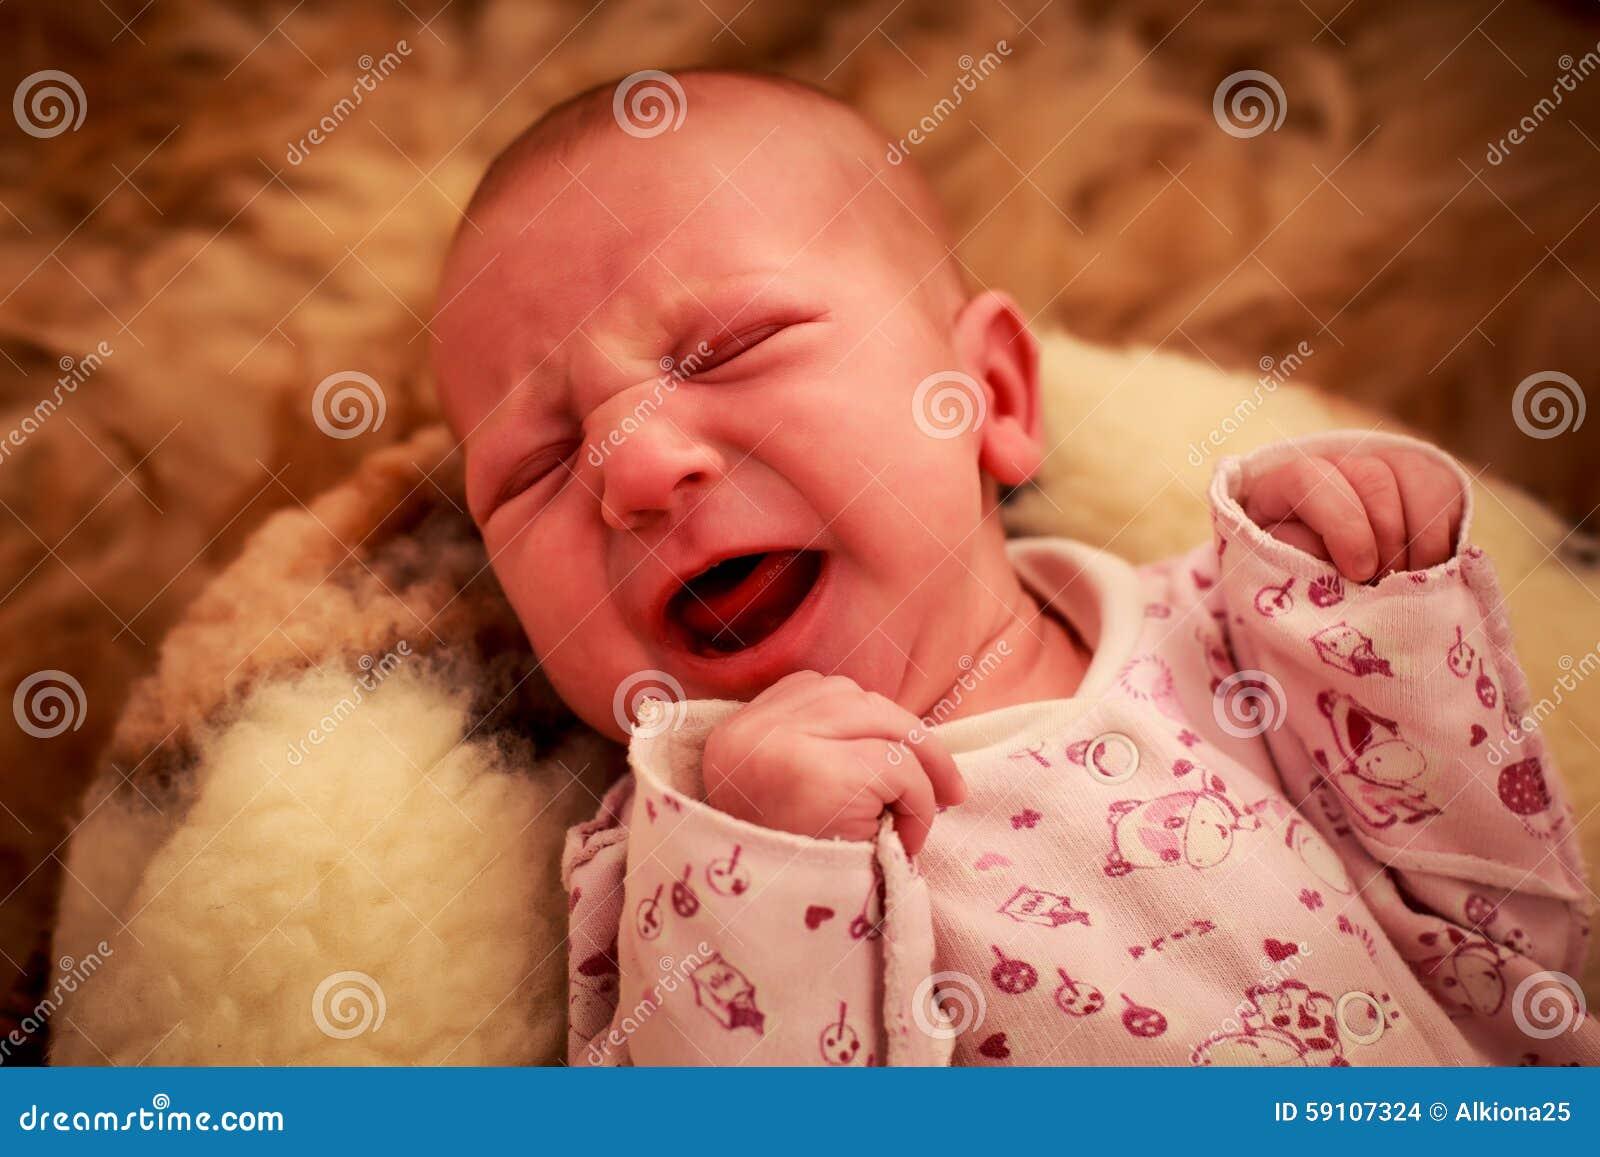 新出生的婴孩在幼稚紧身衣裤的羊毛枕头哭泣